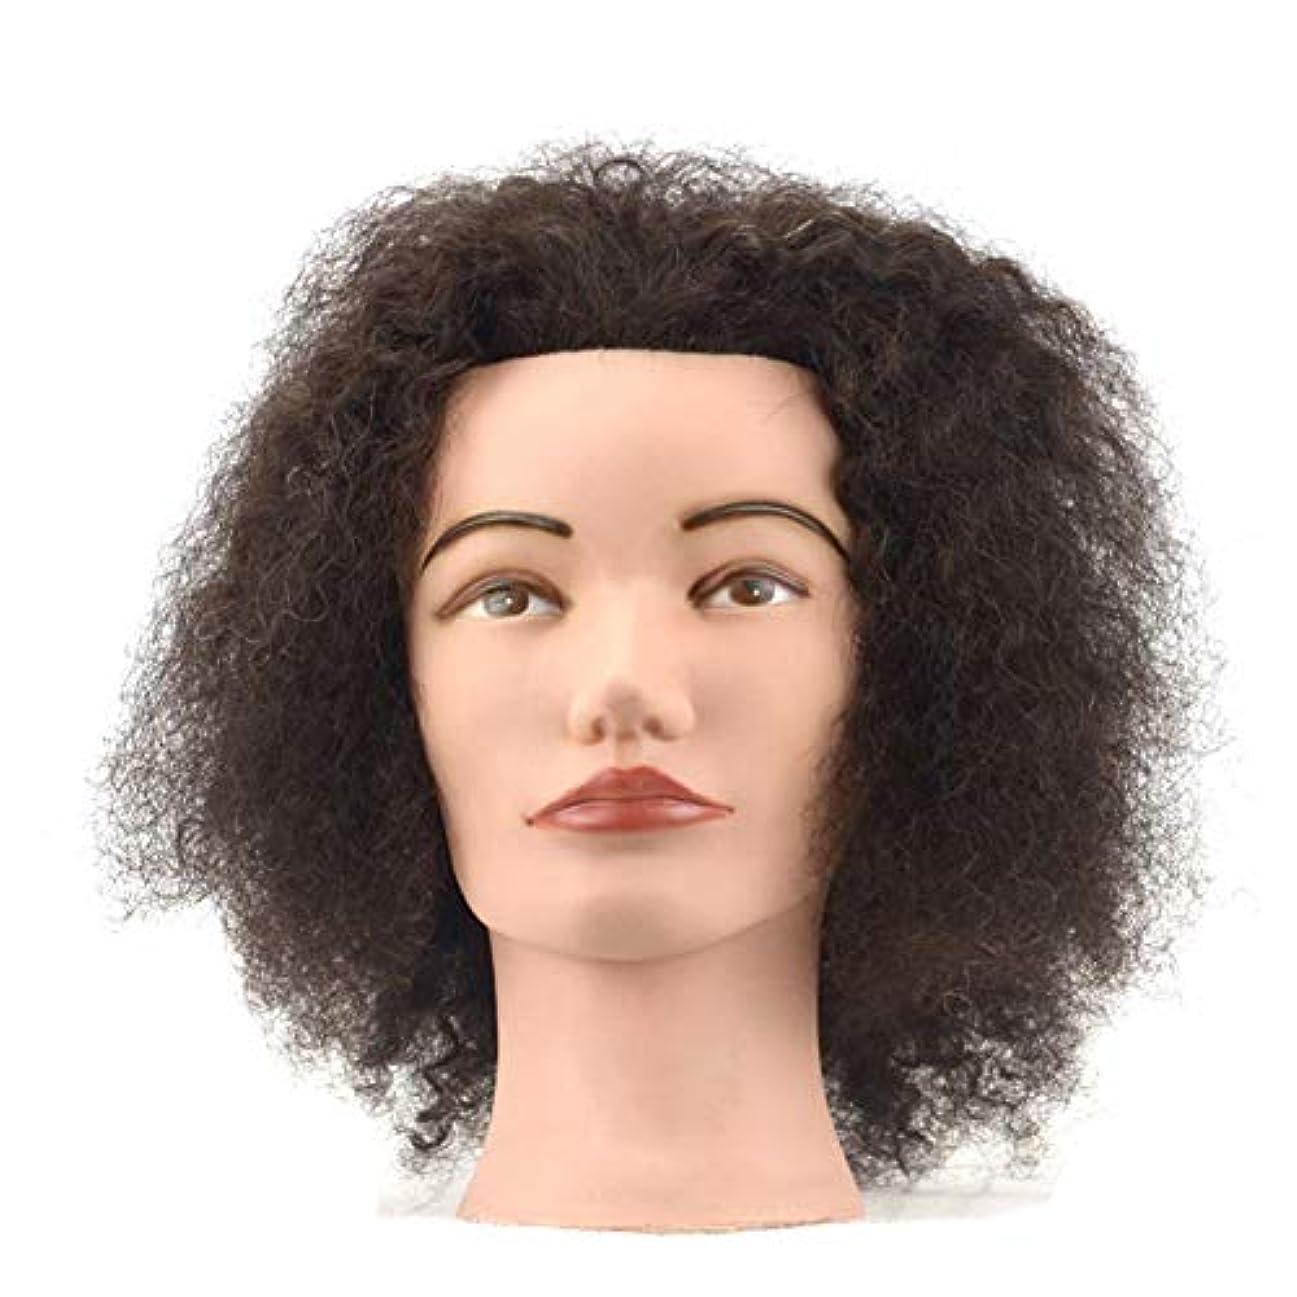 許容必要フェロー諸島ナチュラルブラック爆発カーリーヘッド型リアル人間の髪の毛トレーニングモデルヘッド編組編組演習ダミーヘッド